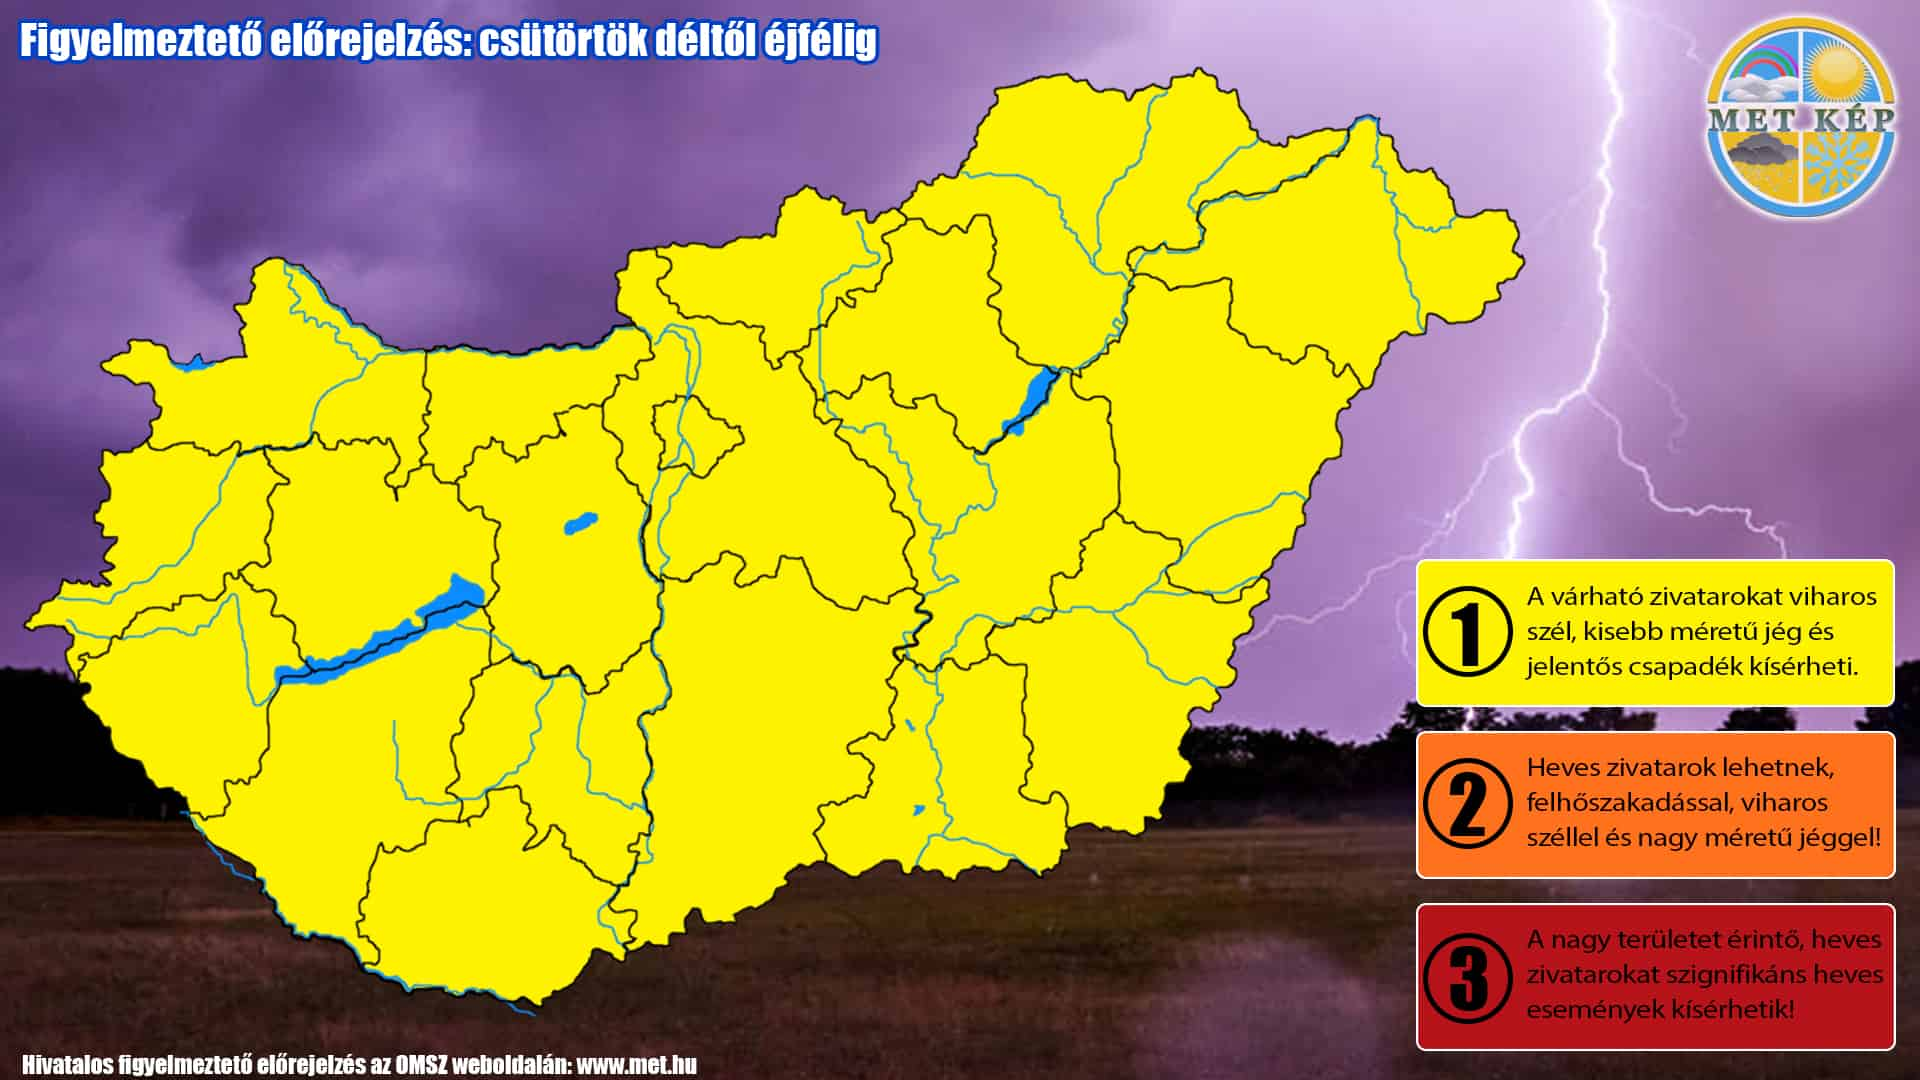 Figyelmeztetés zivatarrendszer felhőszakadás